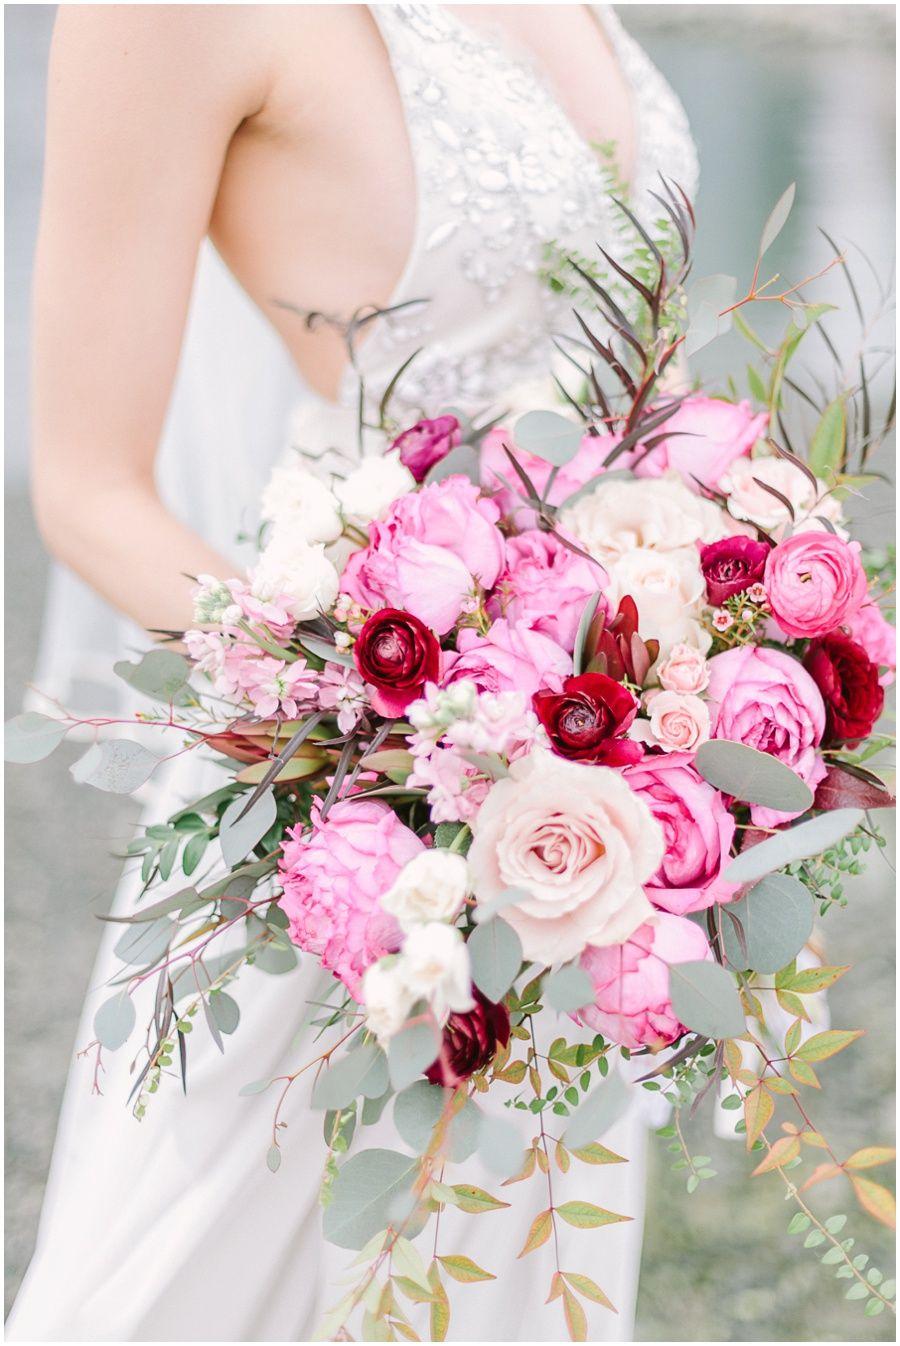 Wedding flowers bouquet vancouver wedding photographer vancouver wedding flowers bouquet vancouver wedding photographer vancouver wedding photos jasmine hoffman makeup izmirmasajfo